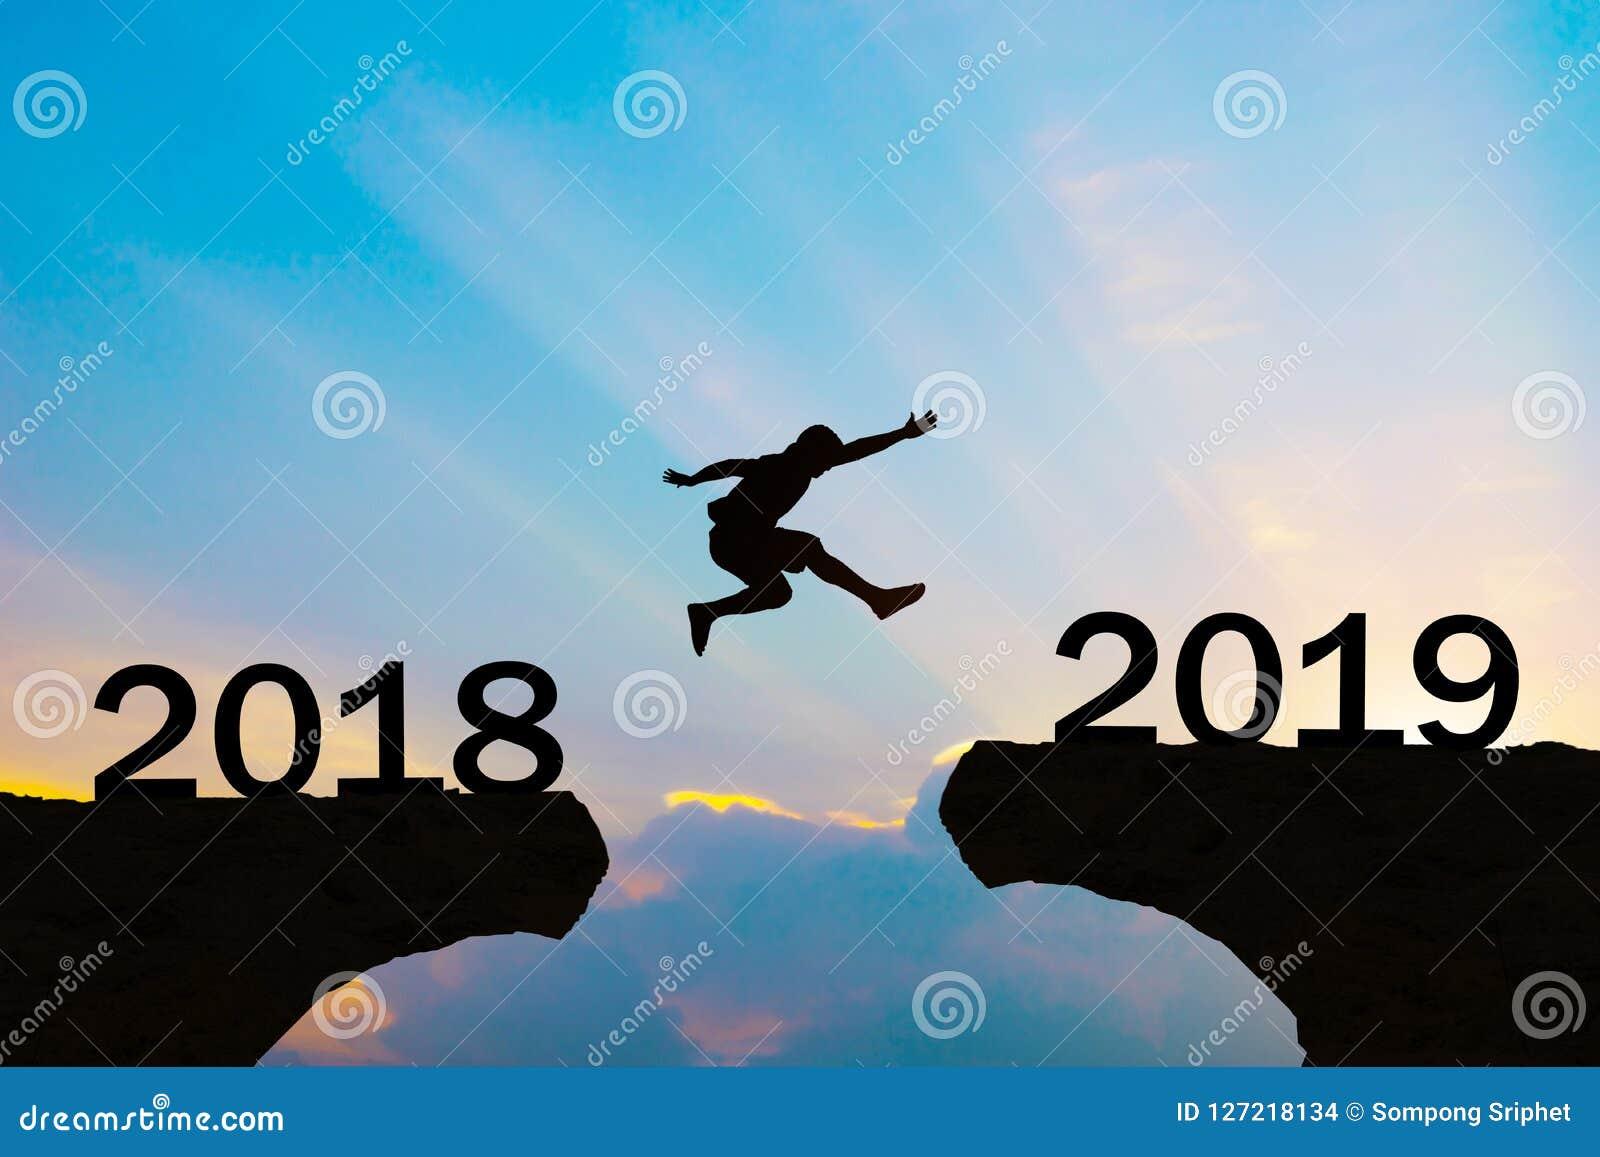 Män för lyckligt nytt år 2019 hoppar över konturberg